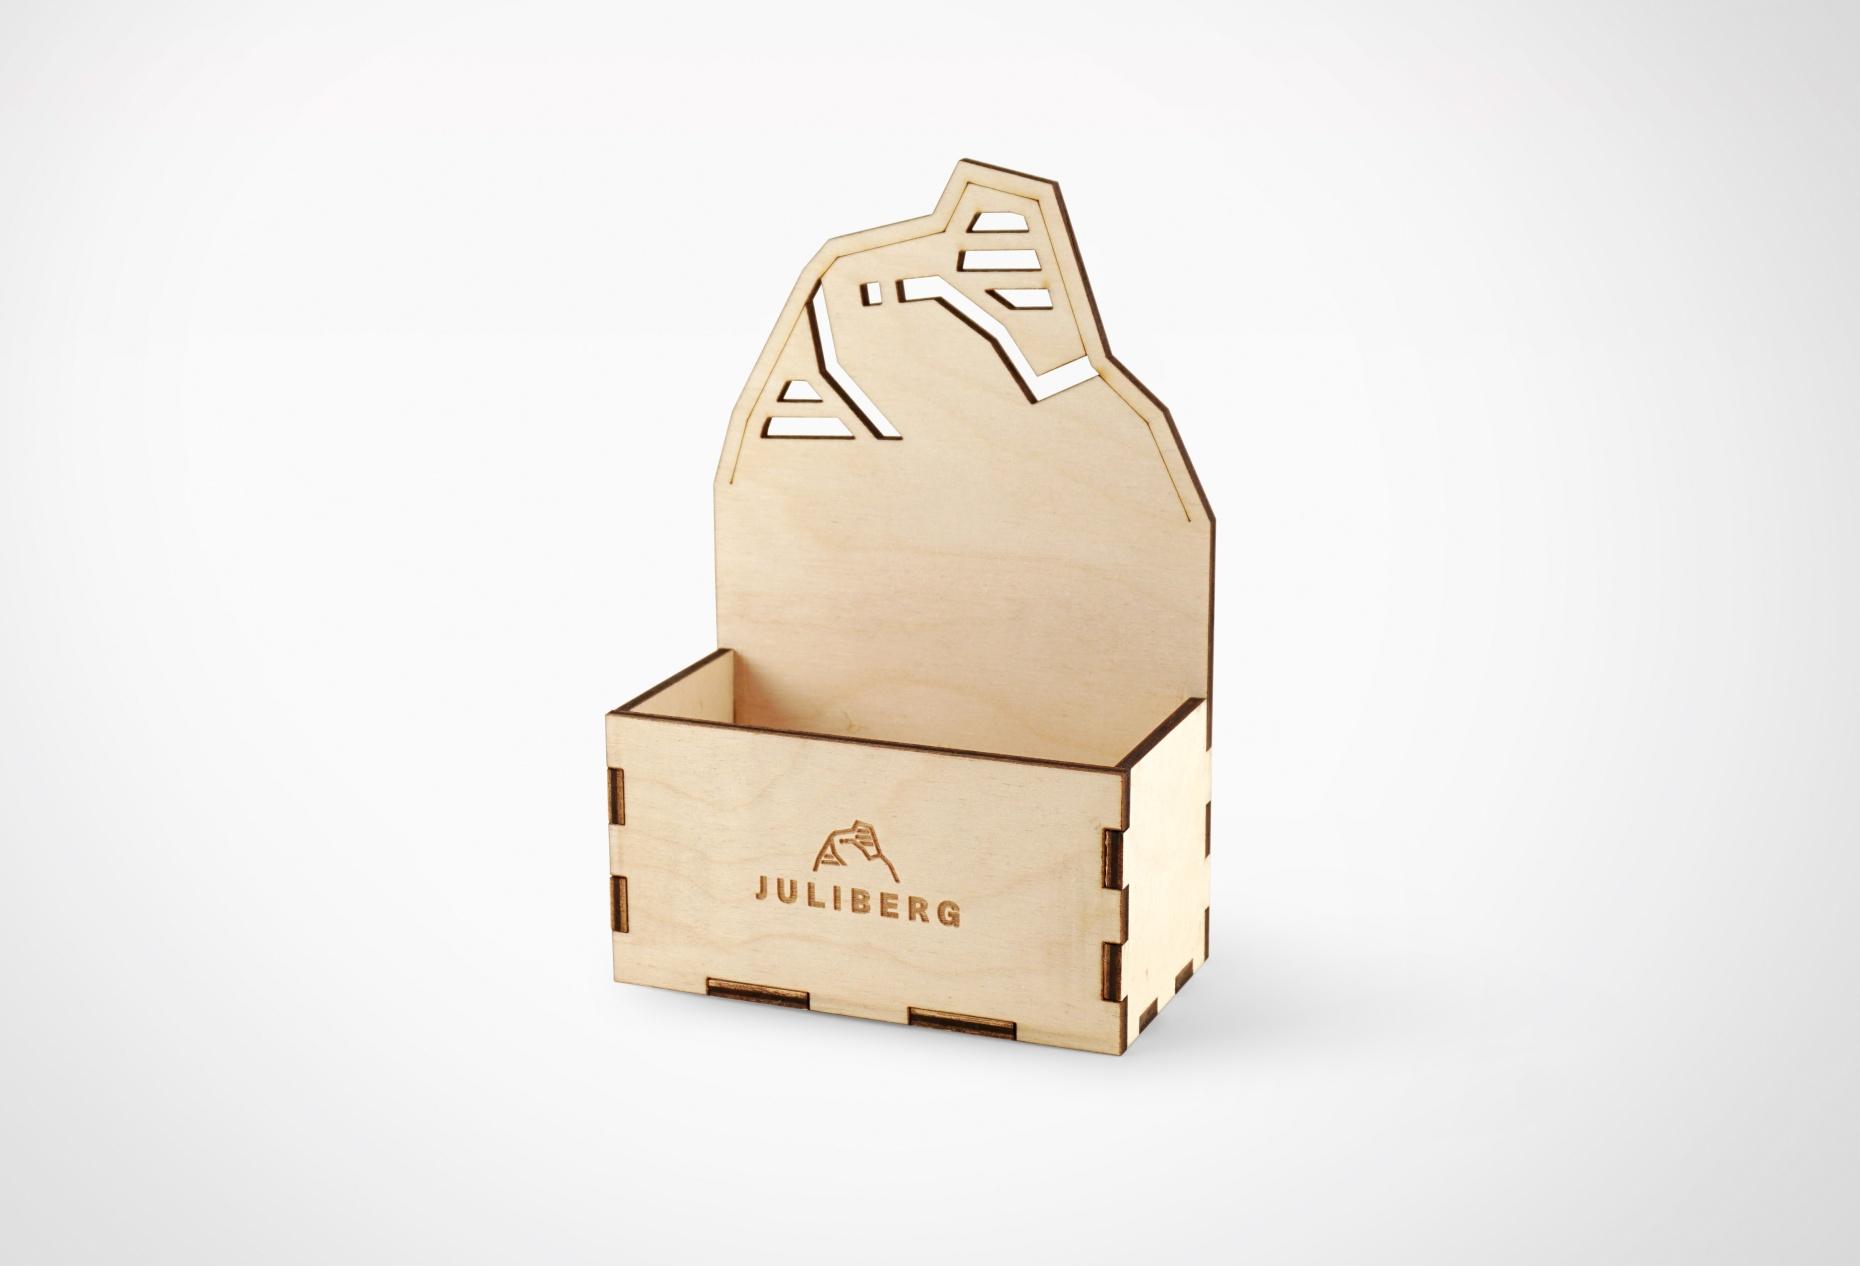 Holzmenage 2 für JULIBERG Design Premium Mühlen